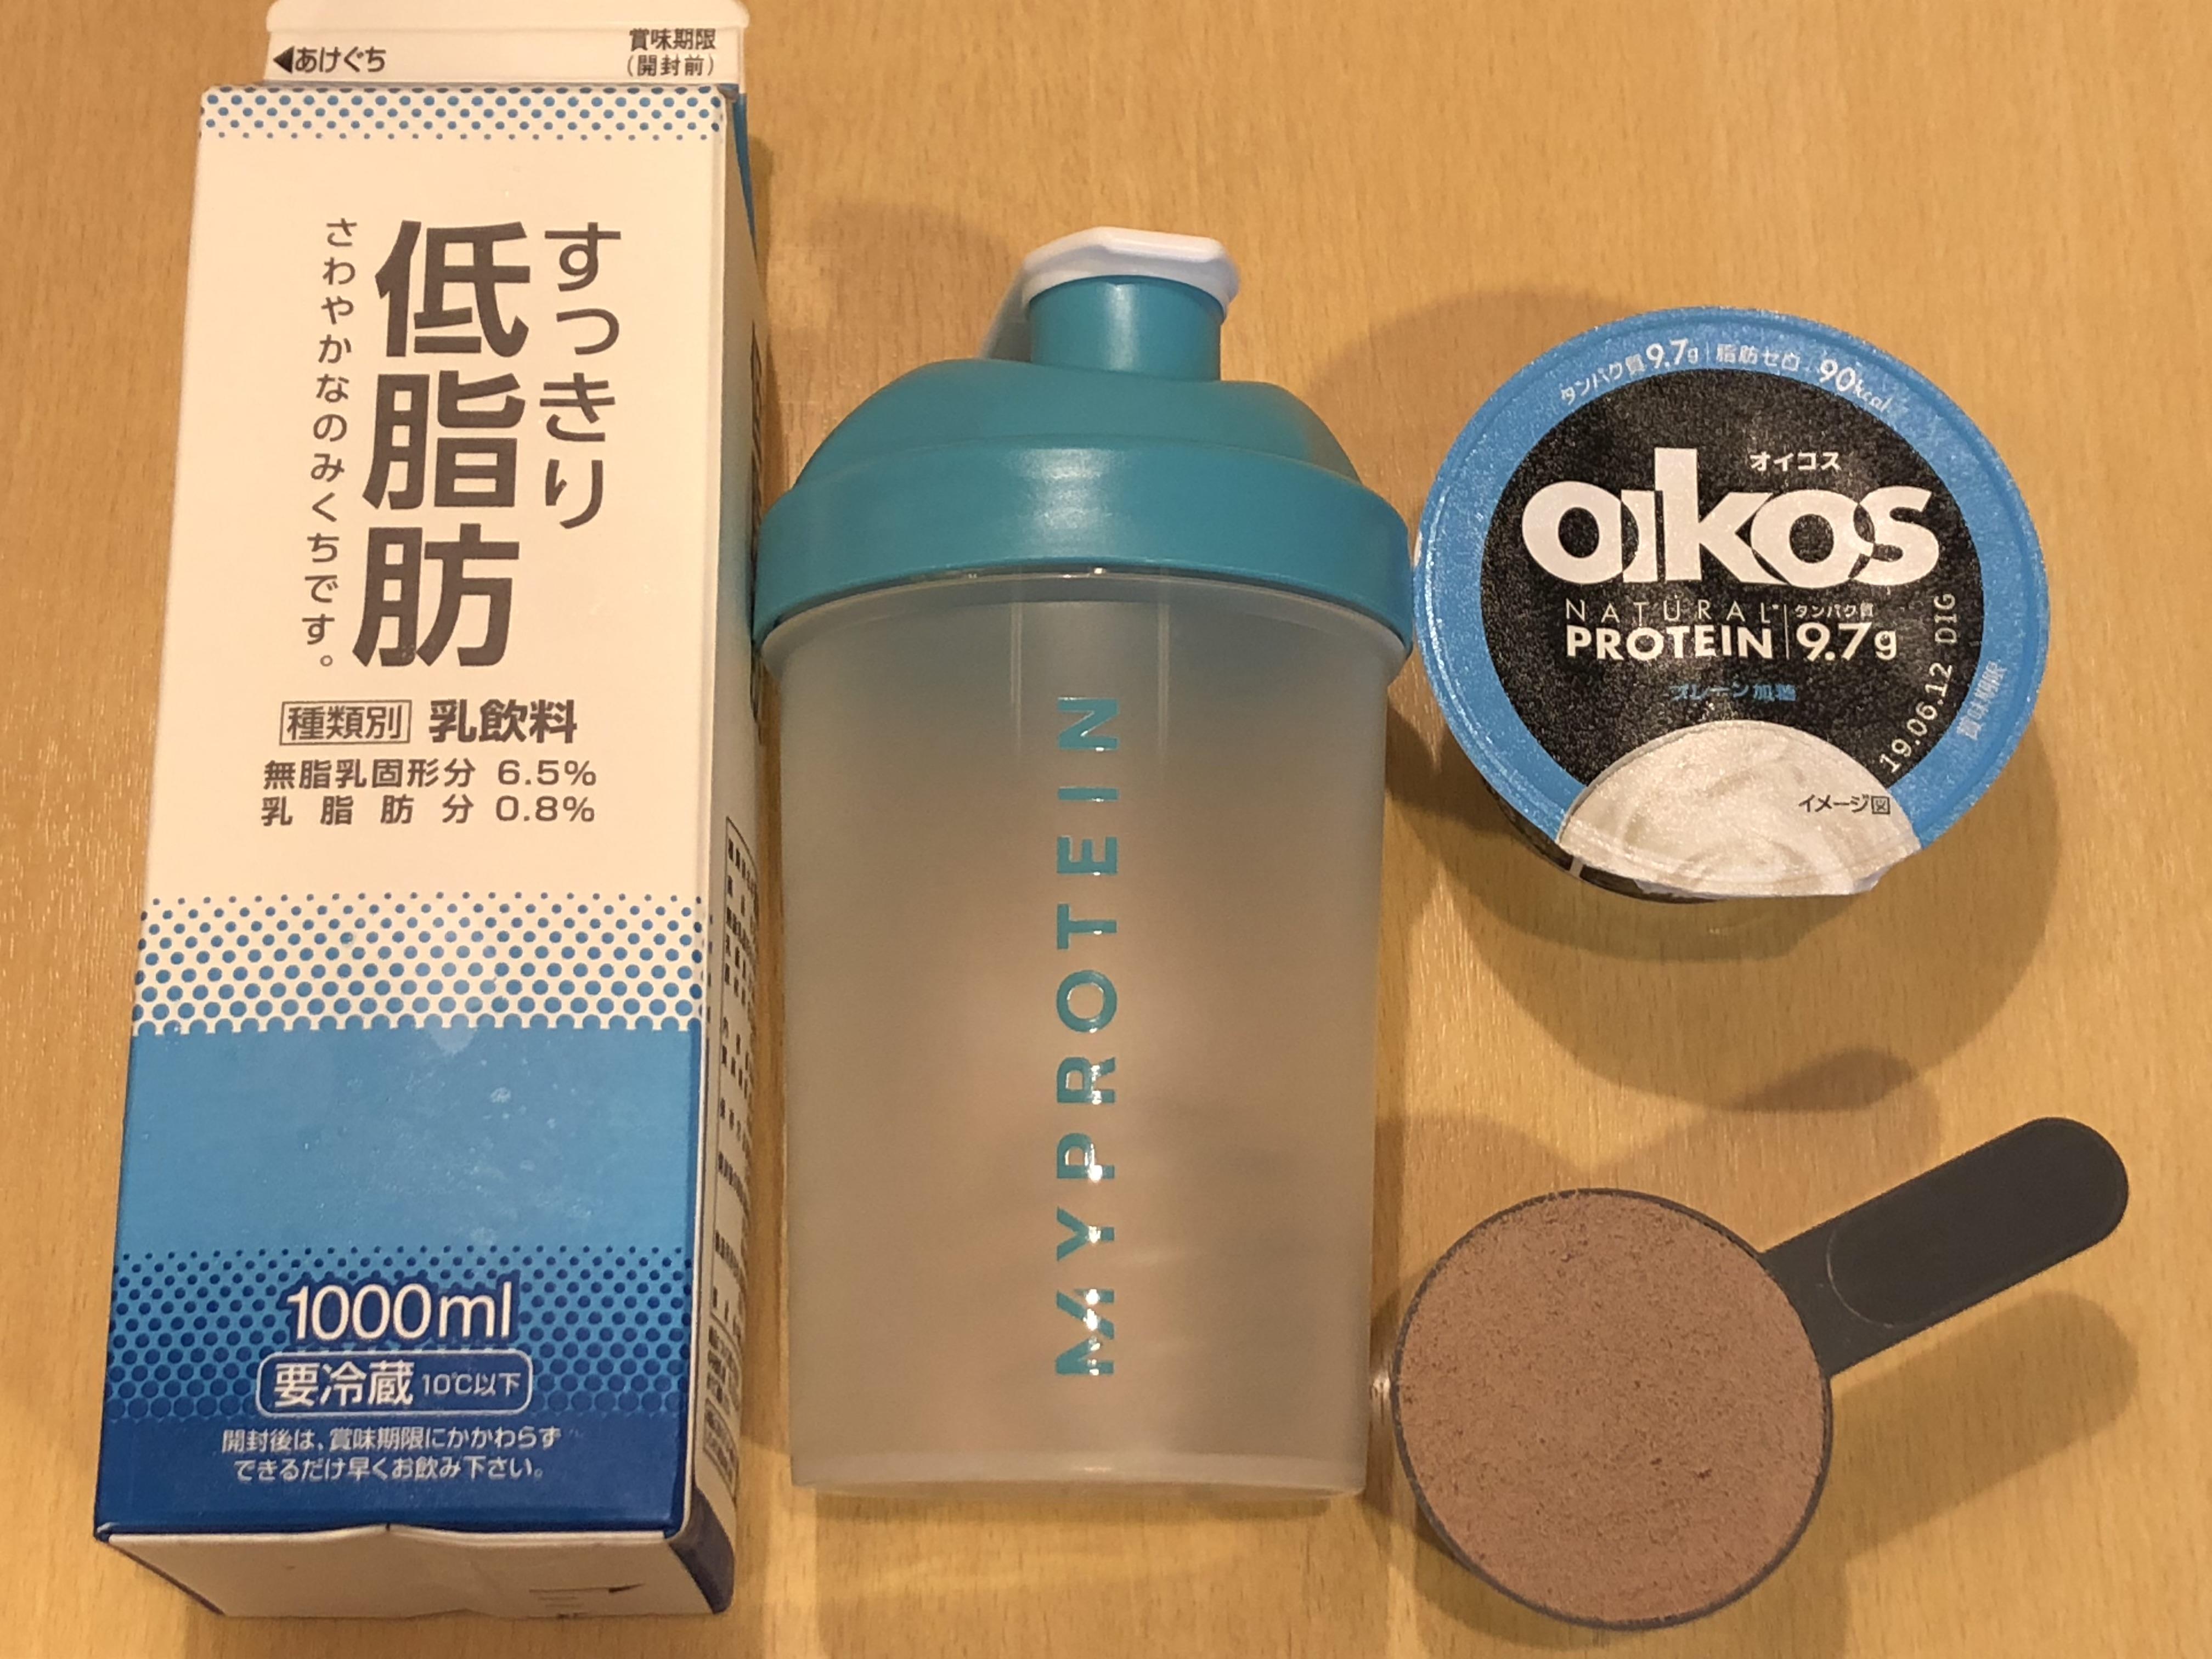 材料は低脂肪乳200ml、お好みのプロテイン1杯、オイコス ヨーグルト1個です。